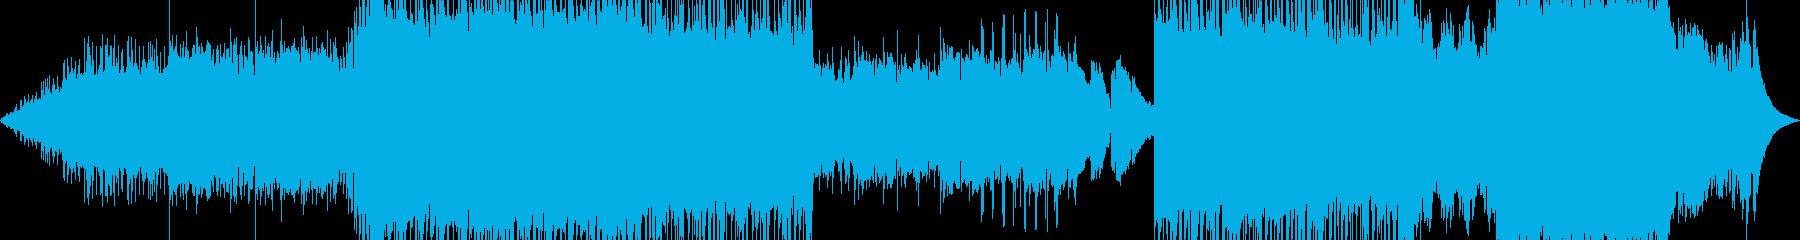 インディーズ ロック ポップ ドラ...の再生済みの波形